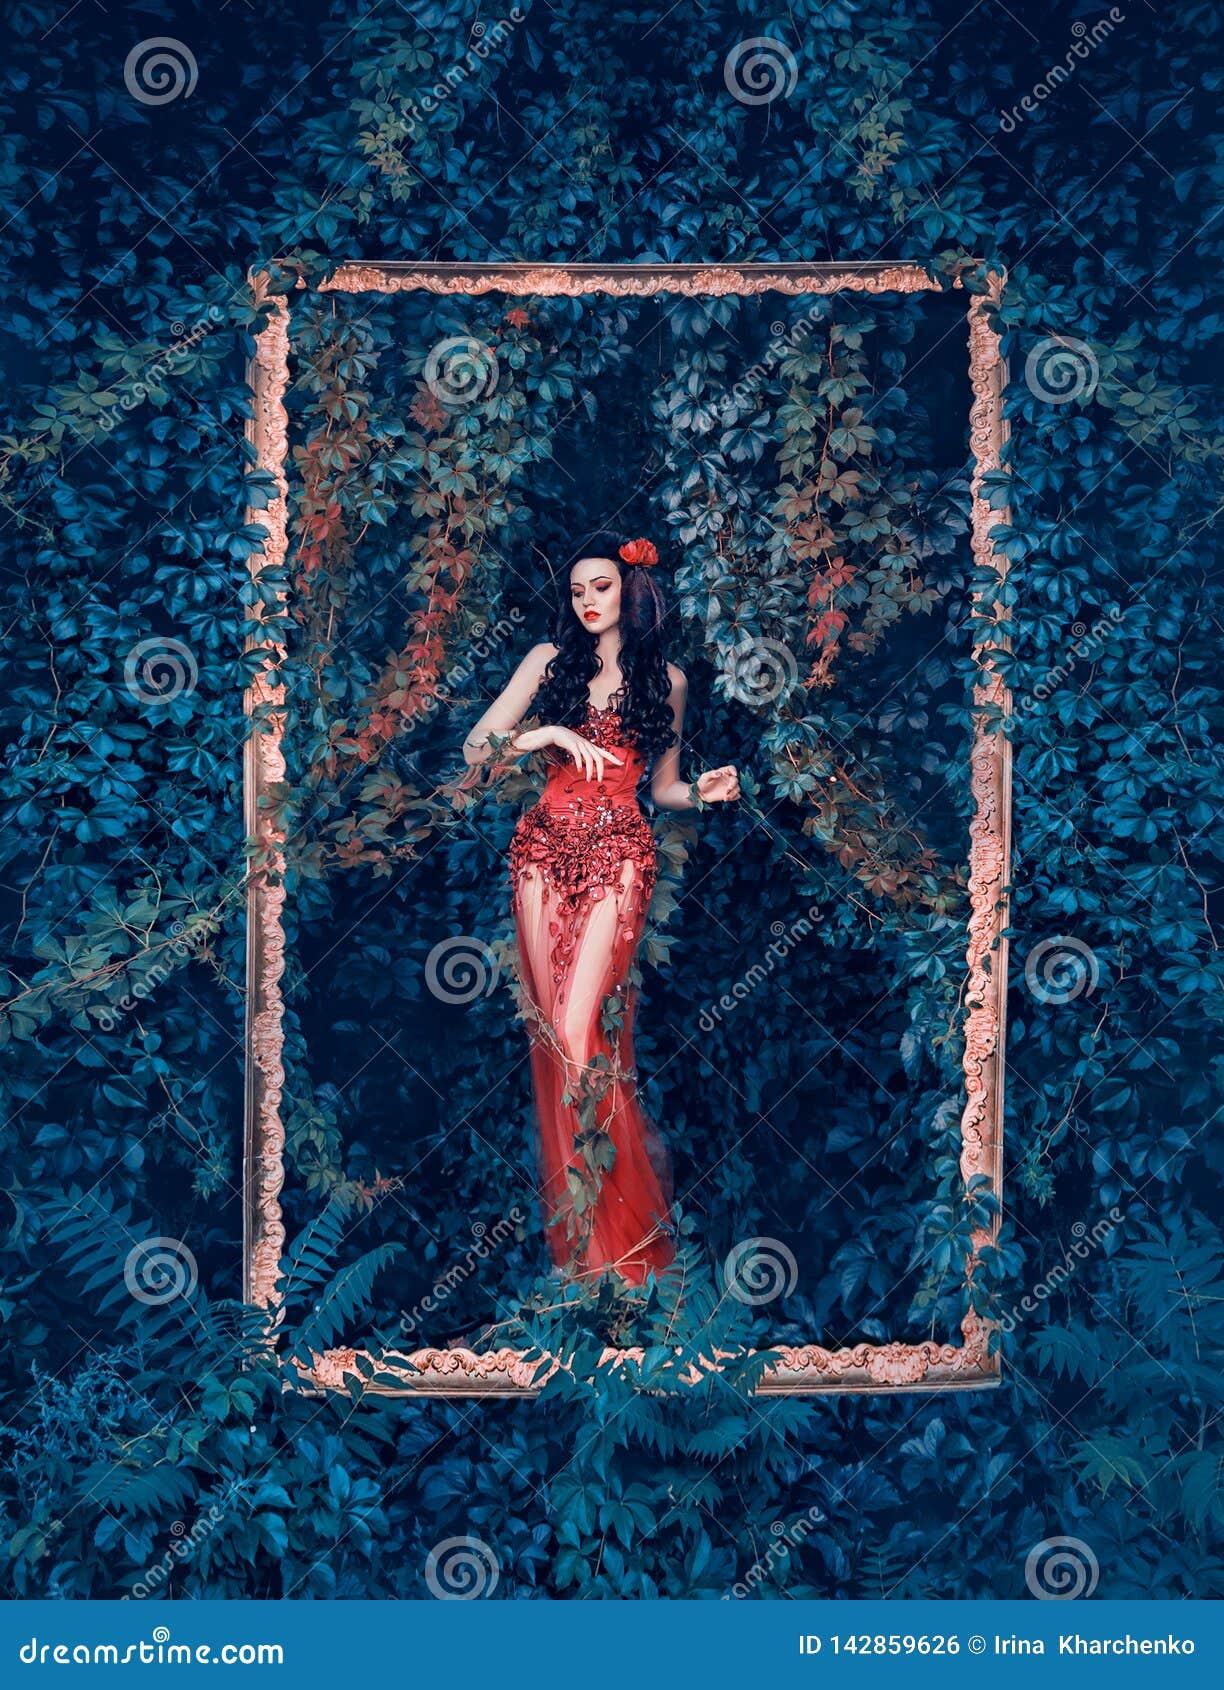 La diosa del bosque y de la naturaleza sale de su jardín en vestido rojo elegante con el tren transparente largo y floral misteri